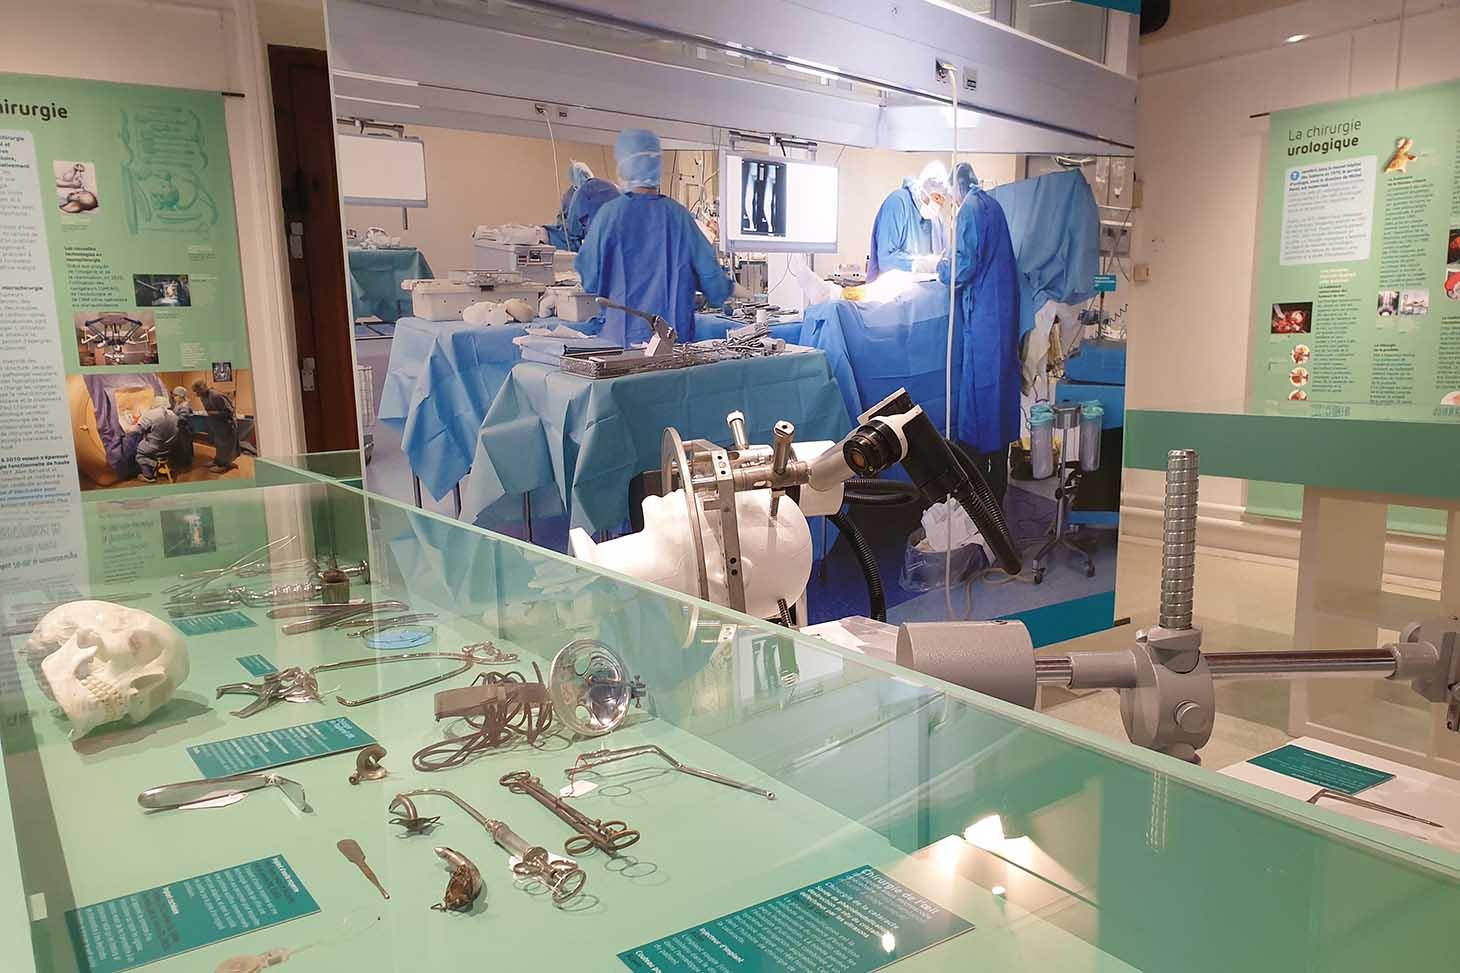 Exposition Cousu main - Musée grenoblois des sciences médicales